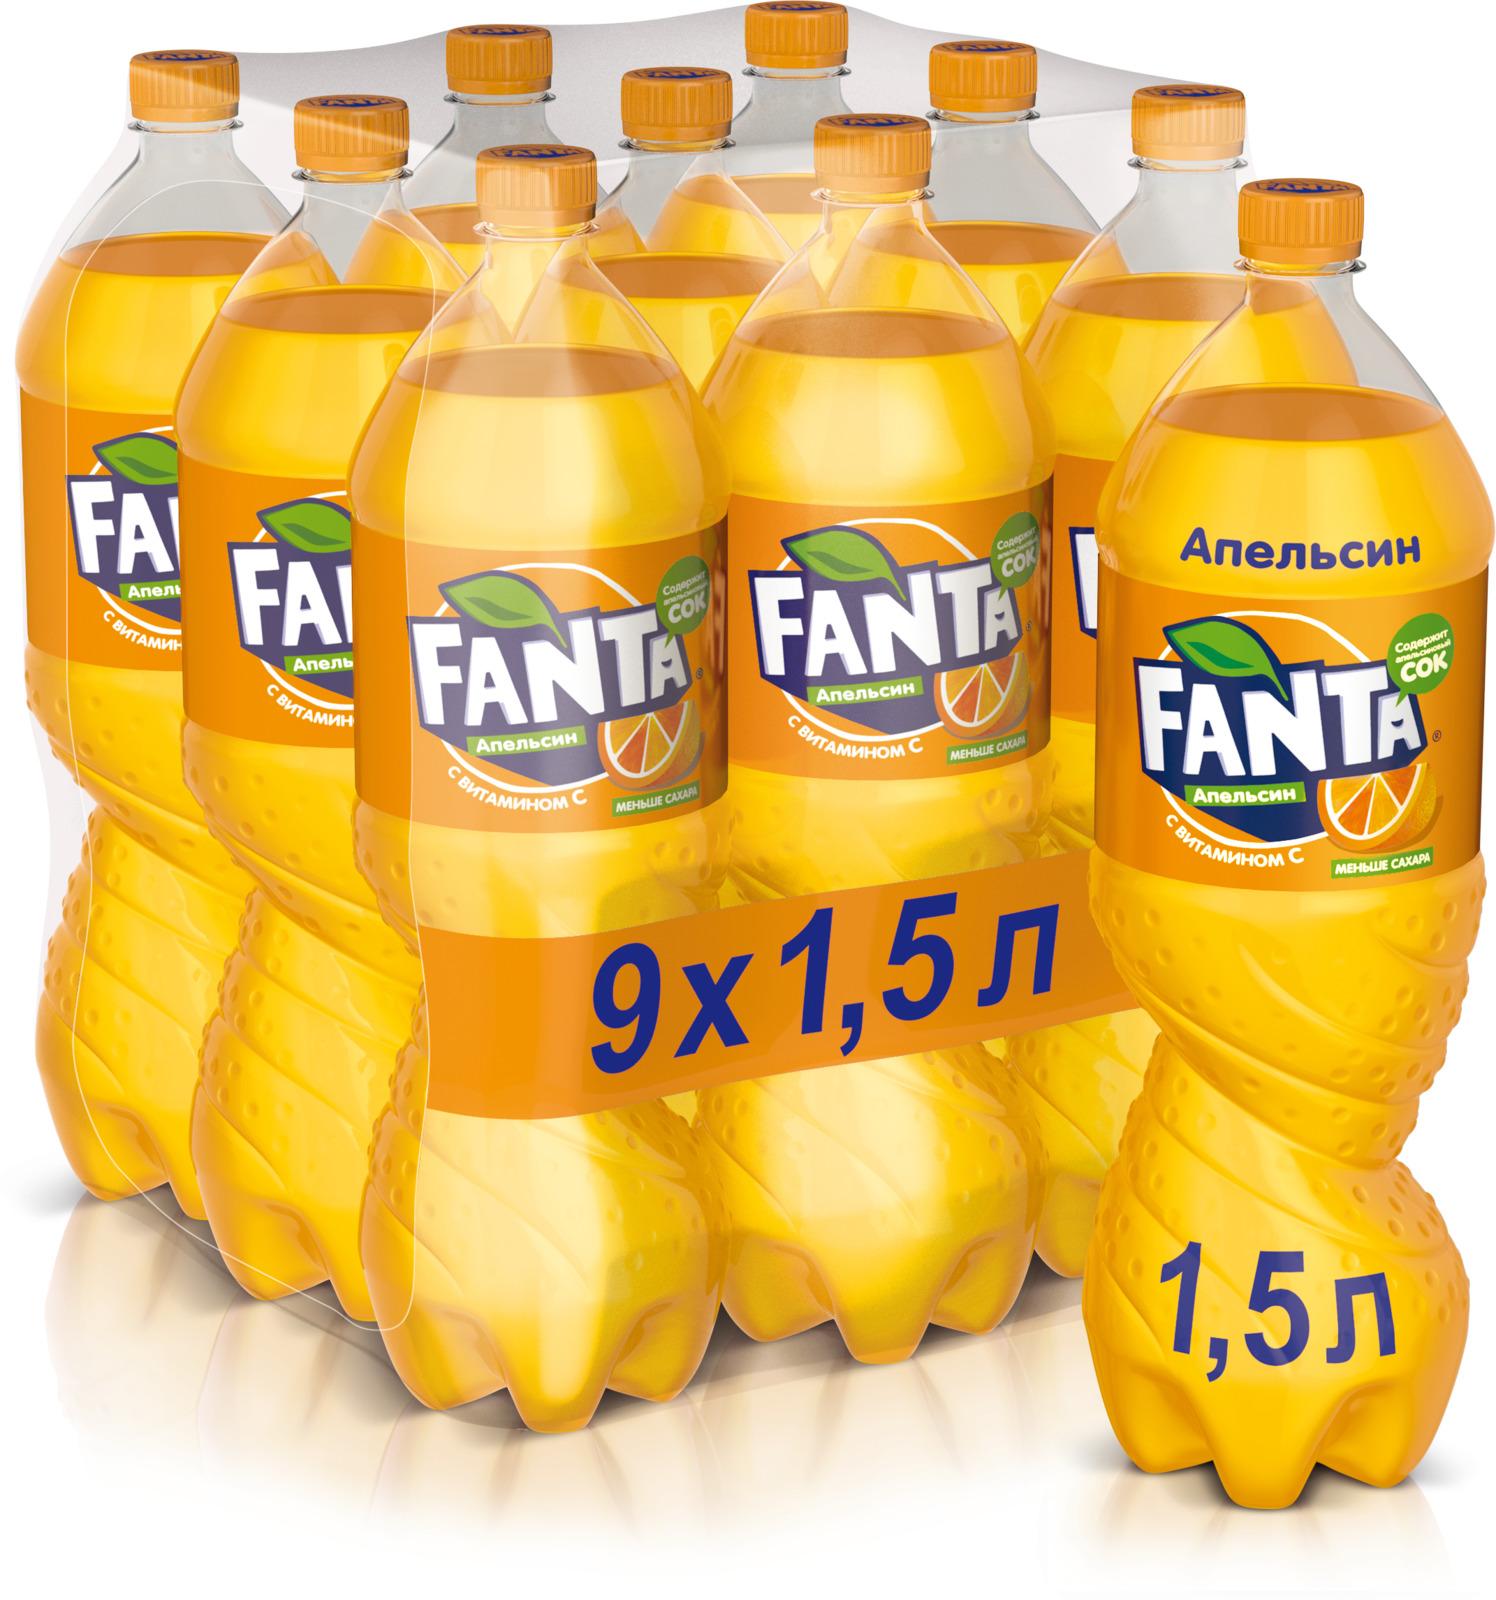 Fanta Апельсин напиток сильногазированный, 9 штук по 1.5 л